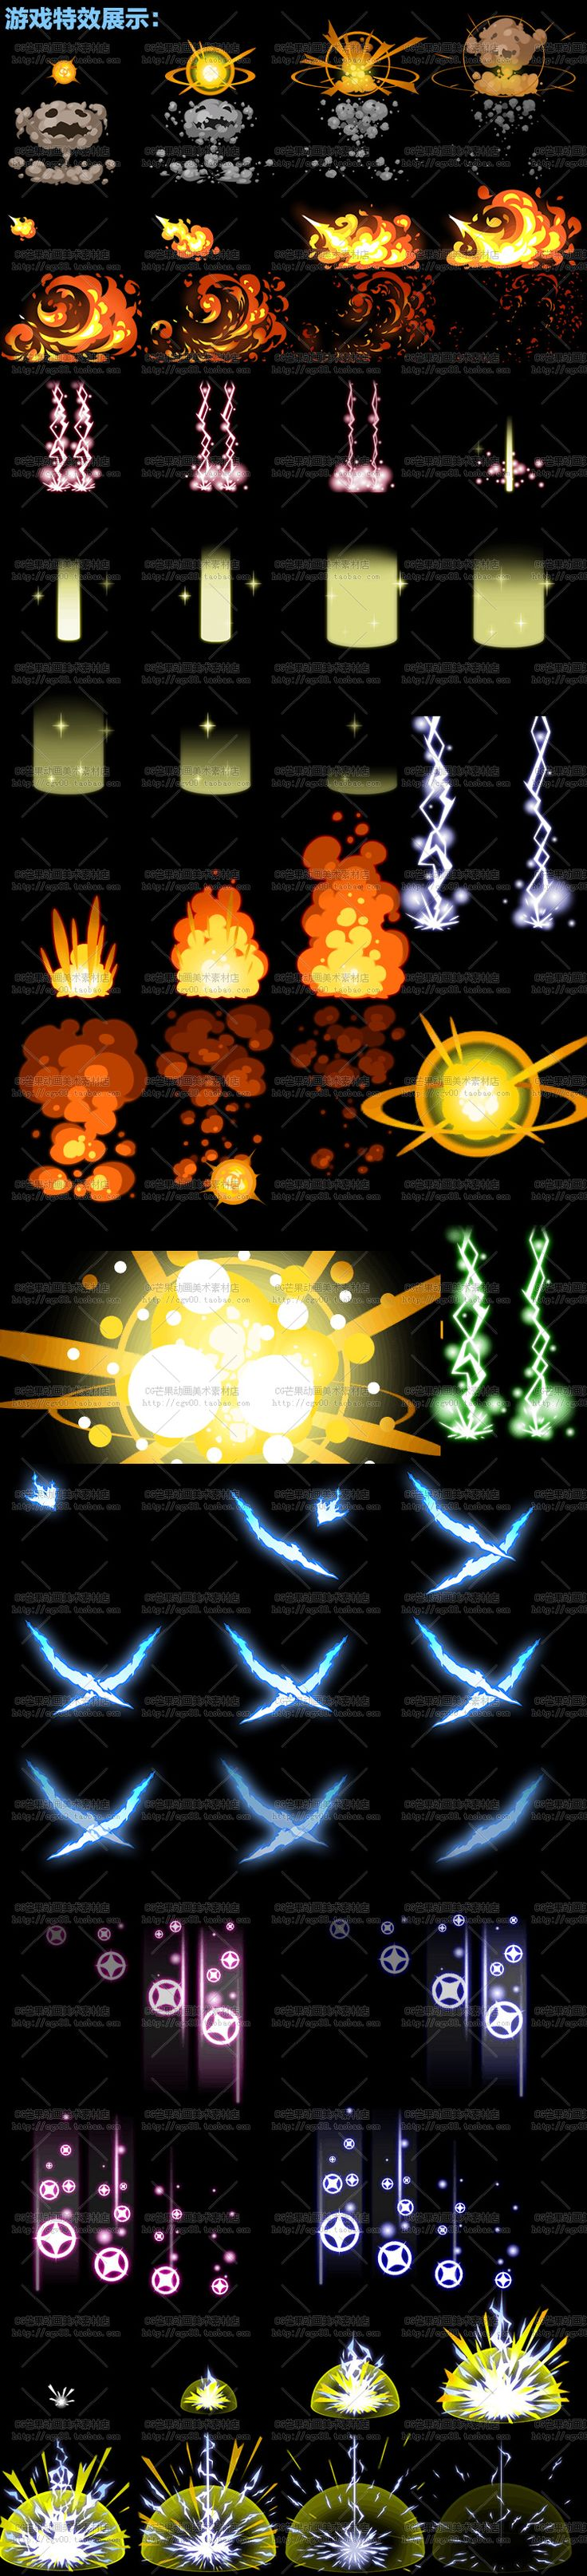 游戏美术资源/日韩Q版 UI素材/图标 特效 音效 横版场景 骨骼动画-淘宝网